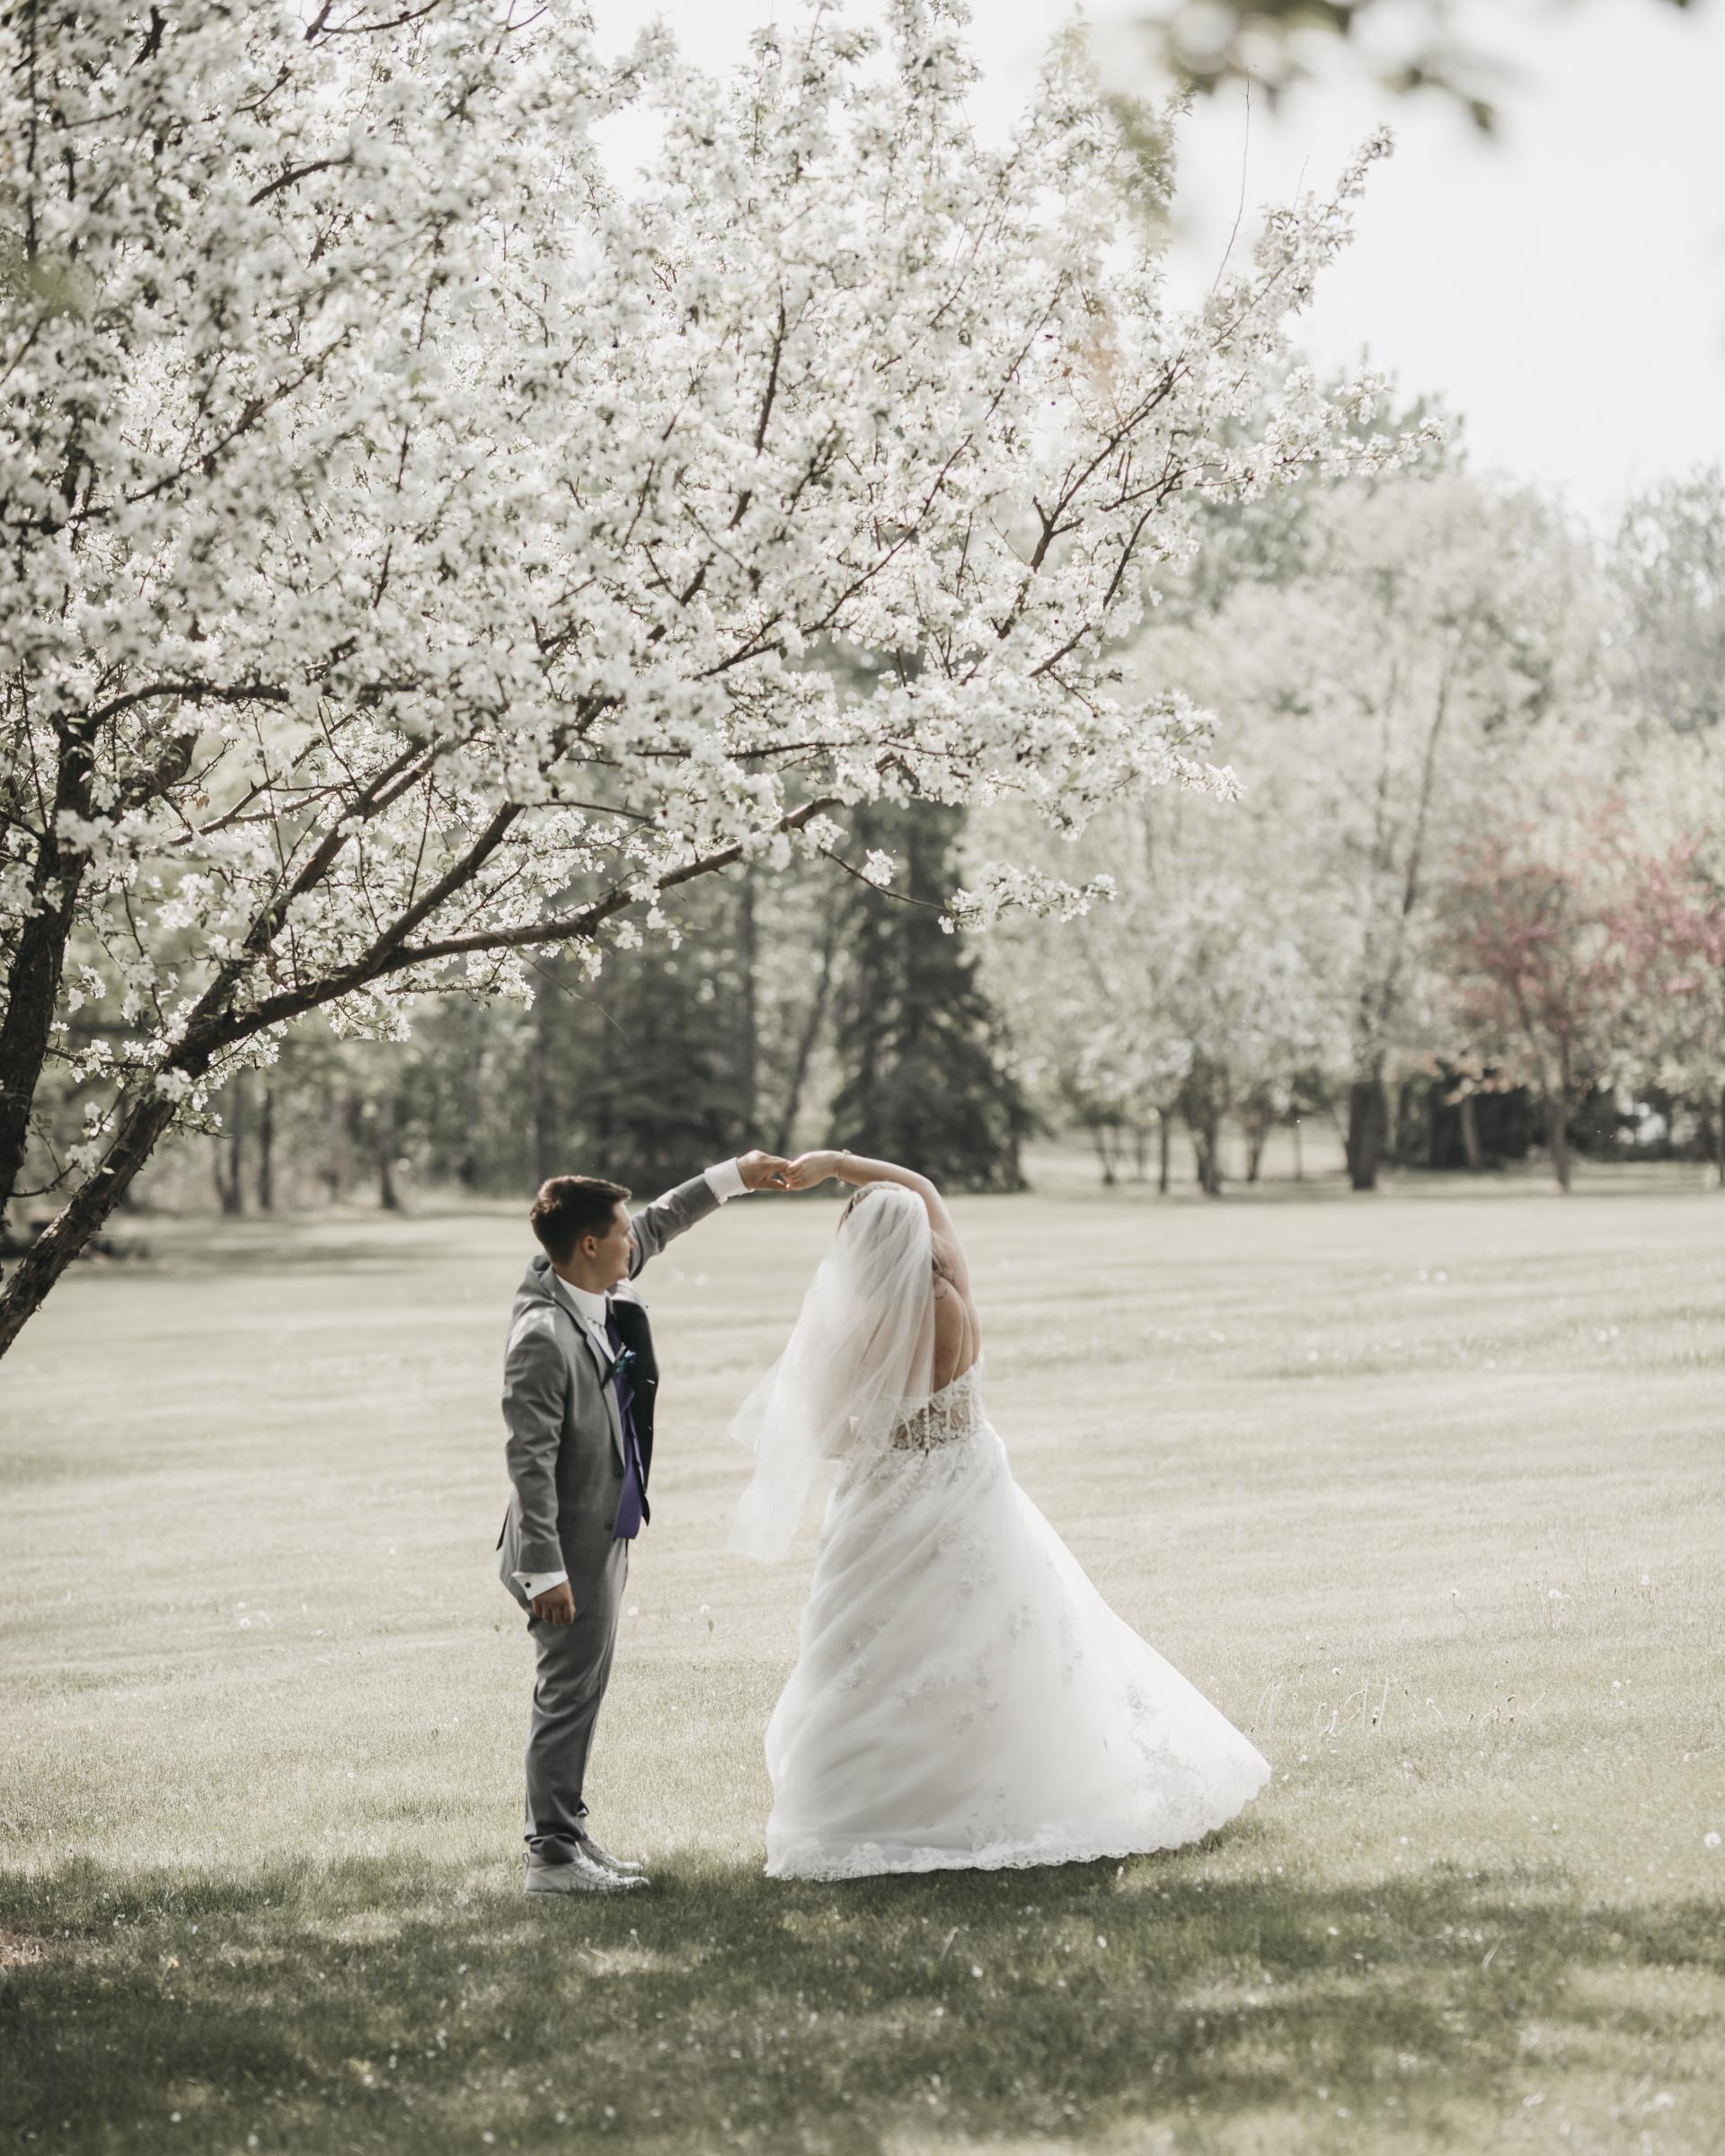 Taylor & Dakota | Greystone Gardens Bed & Breakfast | Edmonton Wedding Photographer